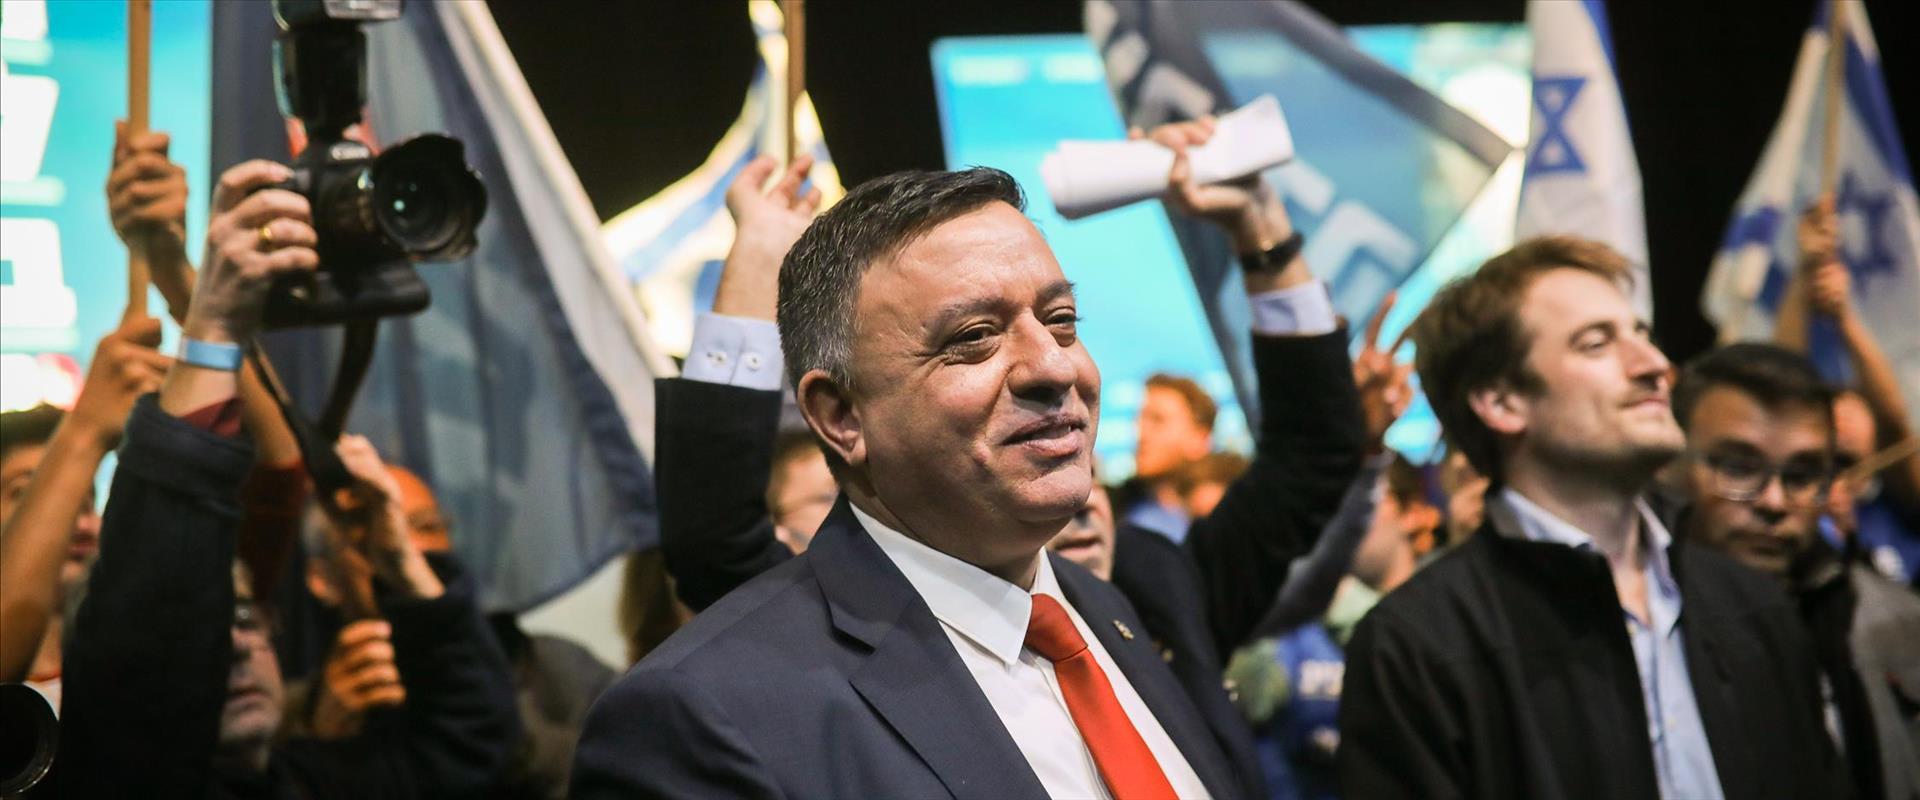 אבי גבאי בוועידת המפלגה